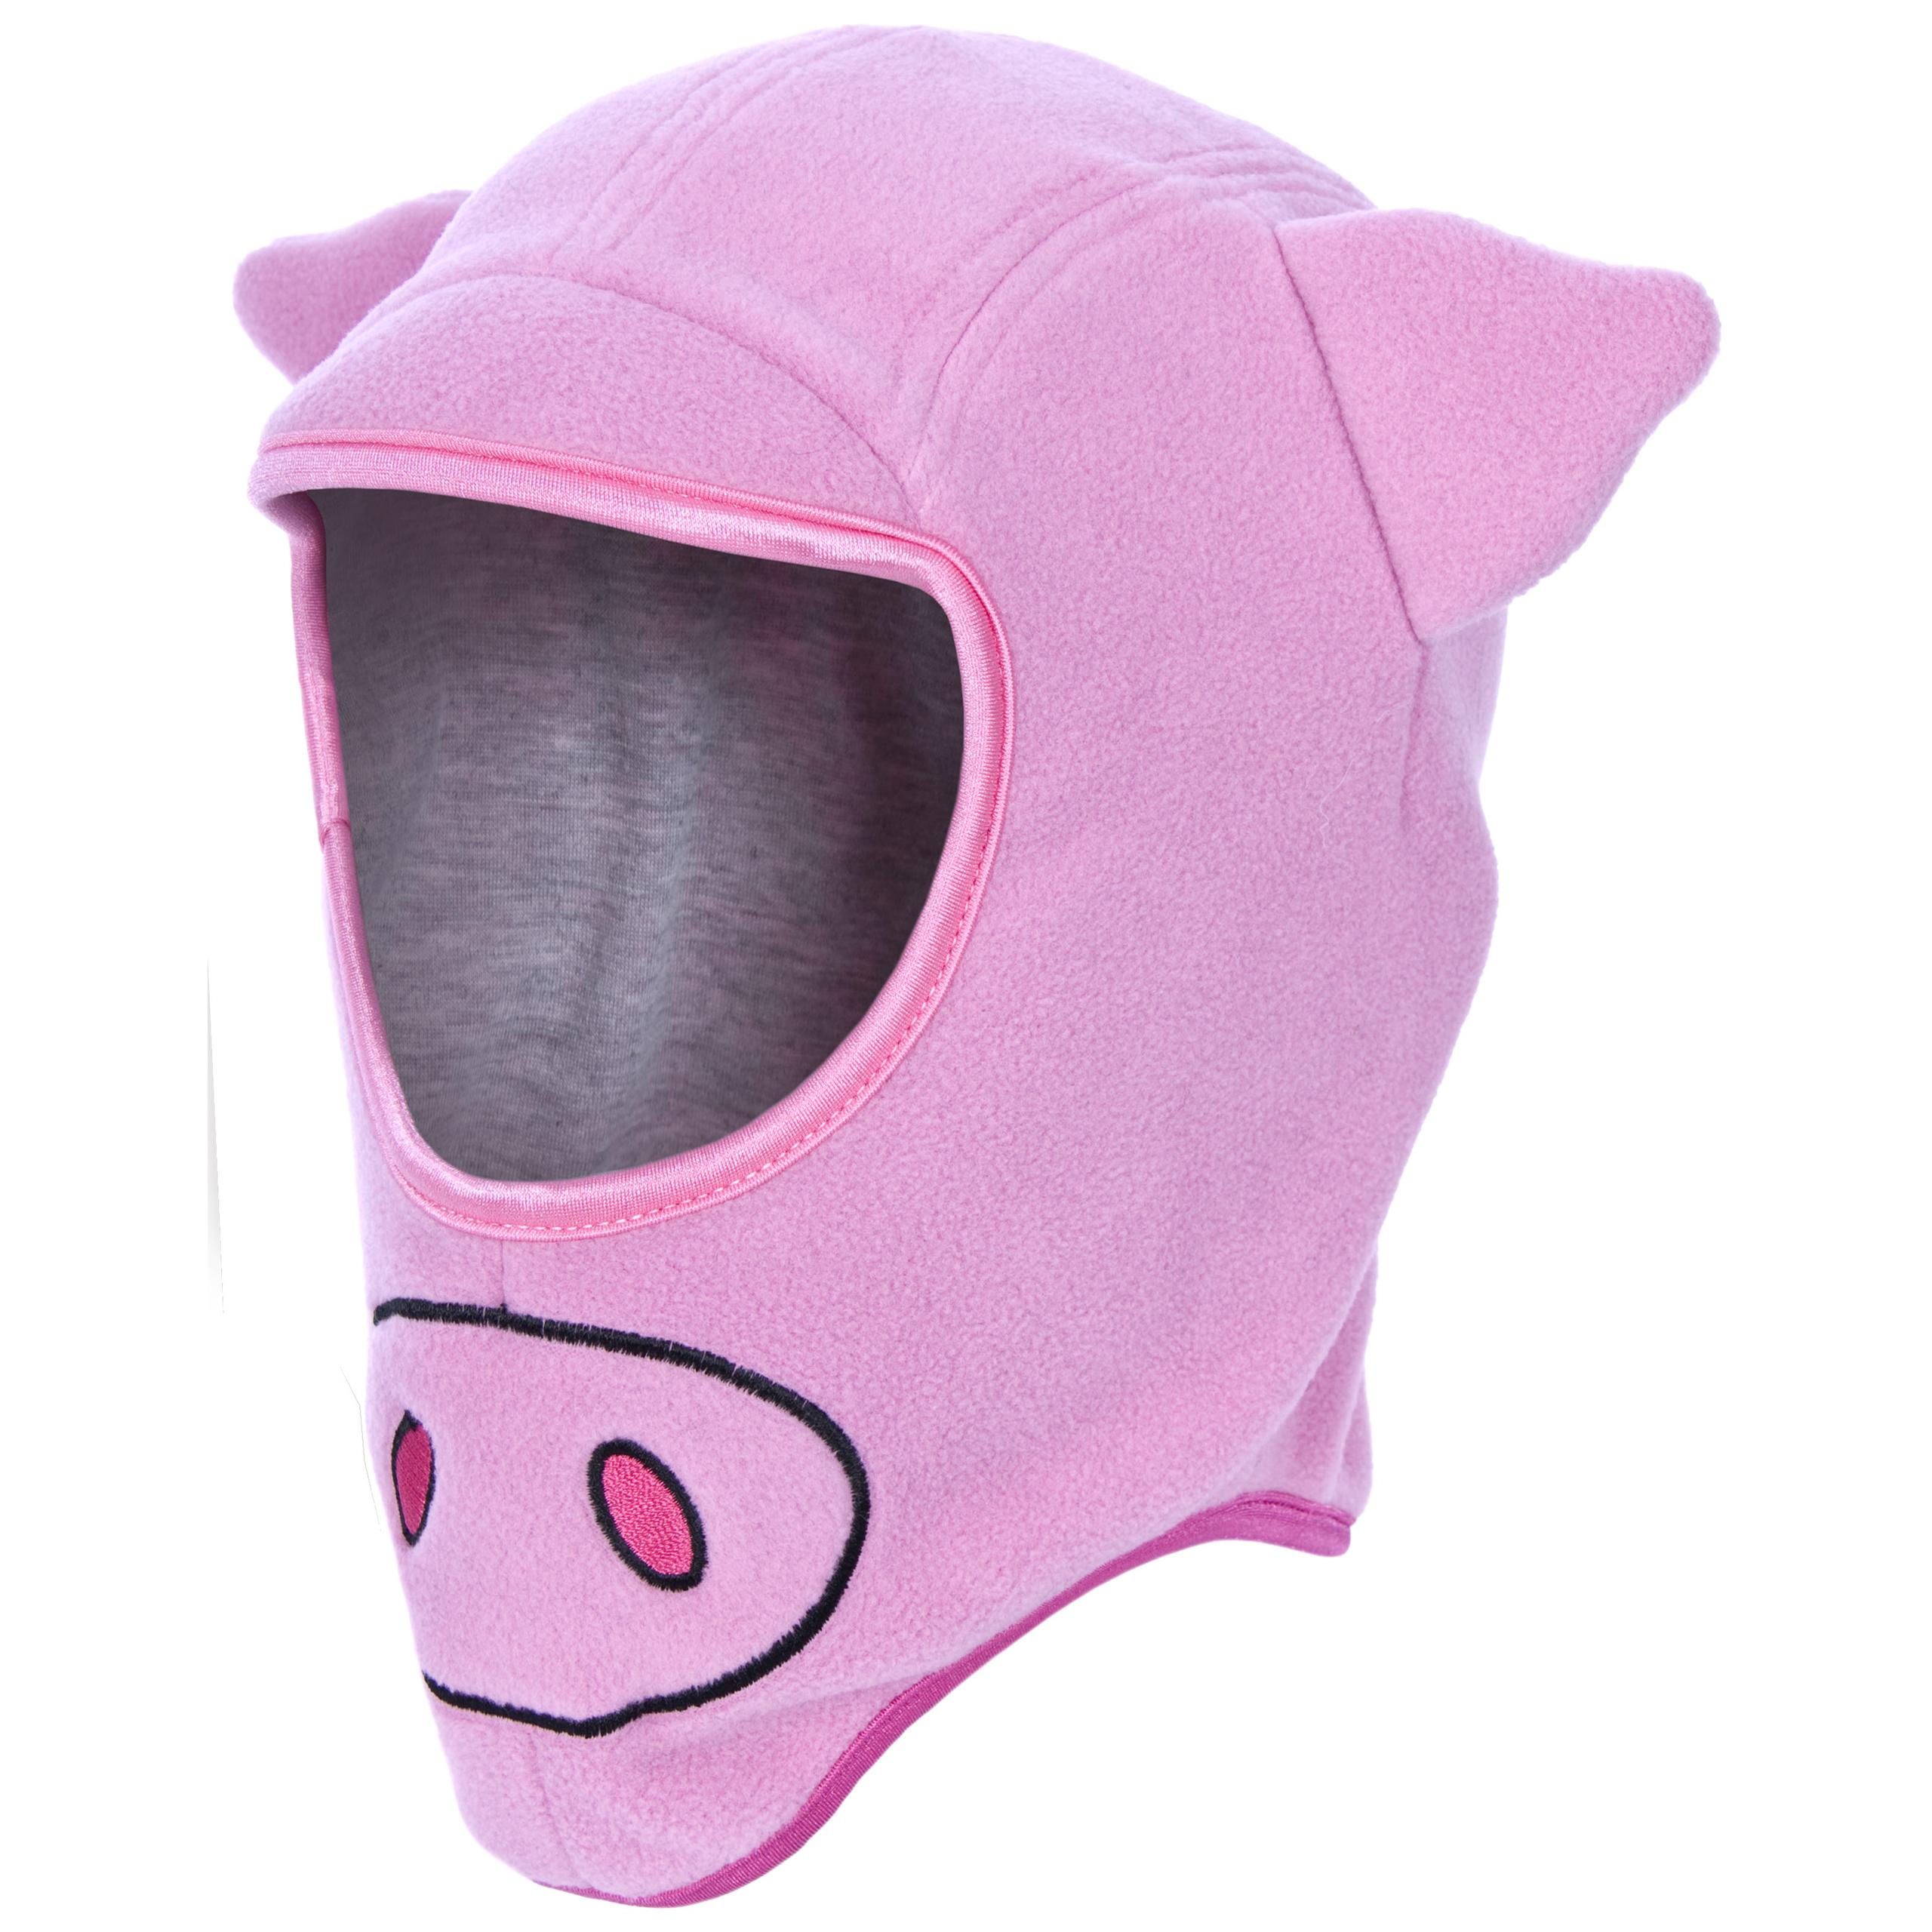 Details about Trespass Snout Kids Novelty Pig Balaclava Warm Winter Pink Hat  for Girls fd341d60915